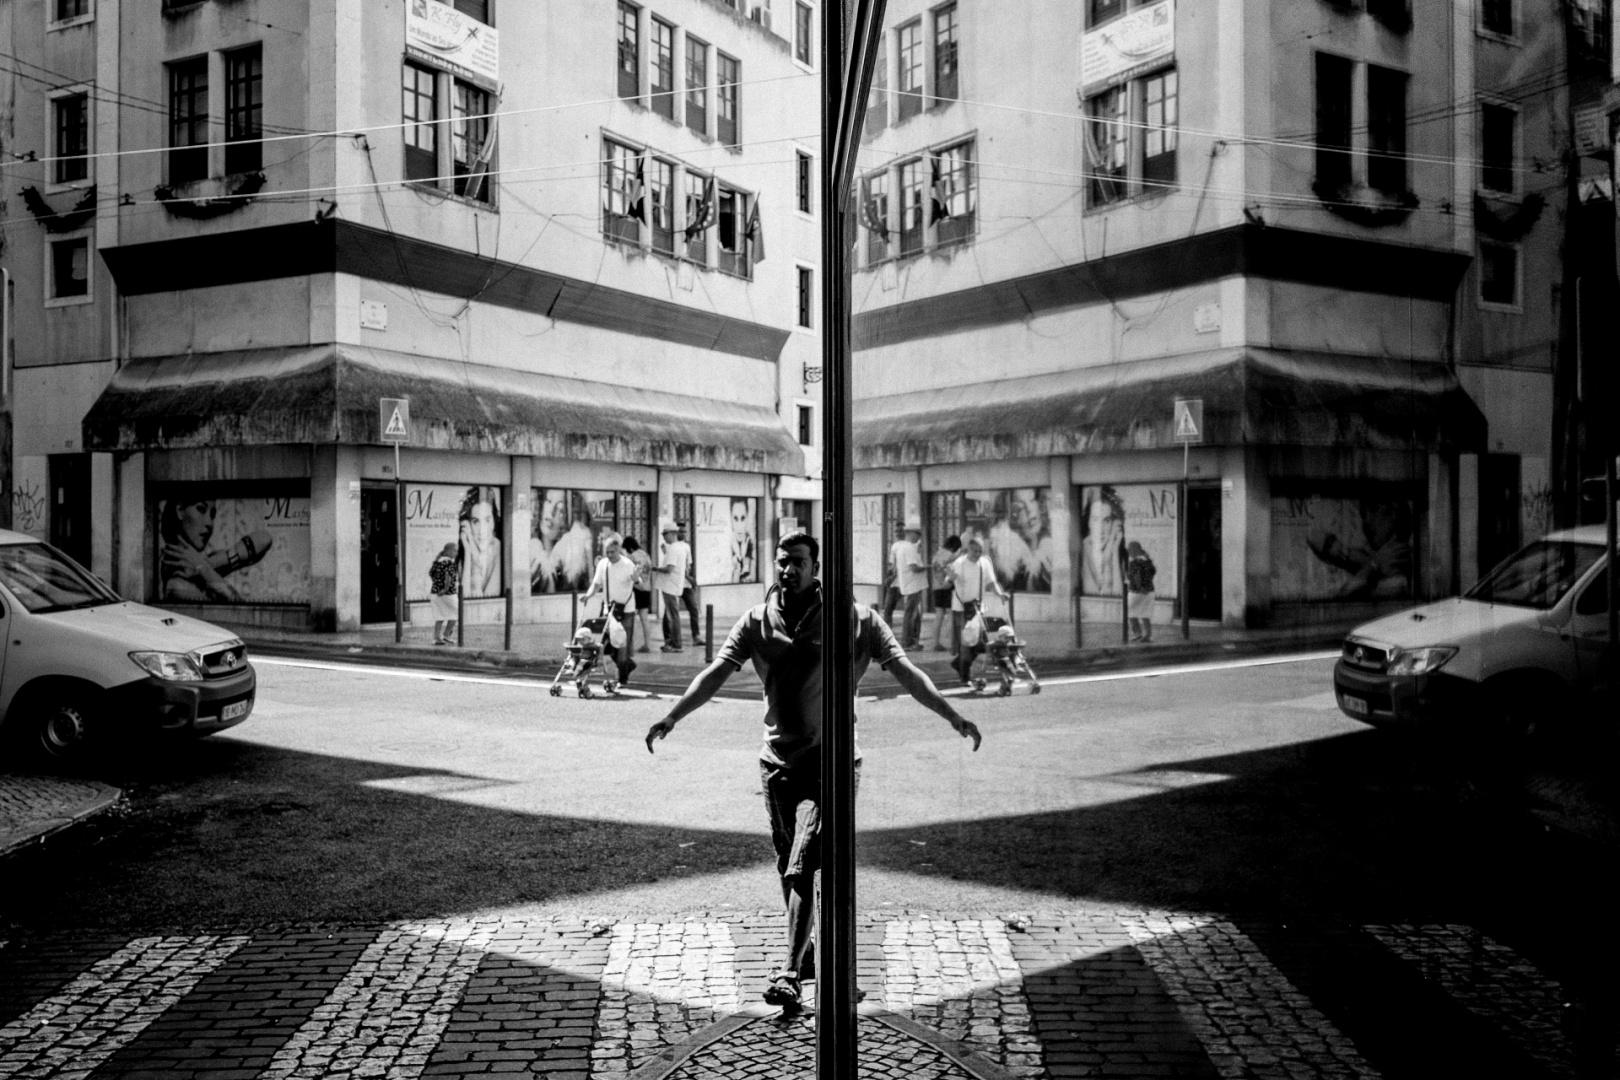 © Nuno Lopes - Peças de vidro